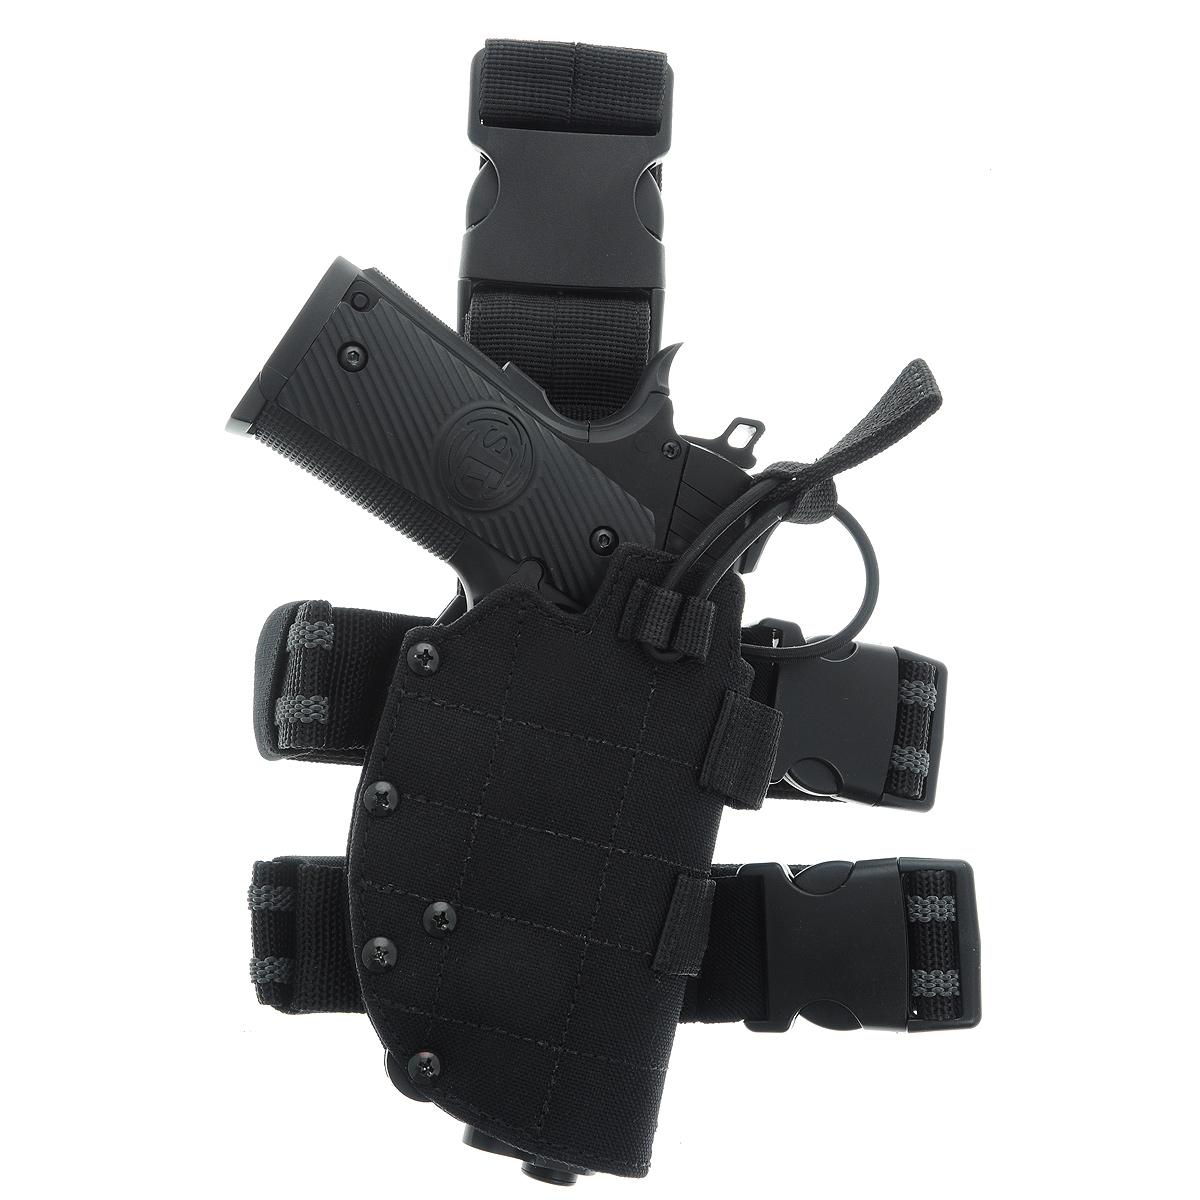 Кобура ASG универс. набедренная с системой быстрого извлечения, цвет: Black (16285)527Кобура набедренная универсальная для пневматических и страйкбольных пистолетовс системой быстрого извлечения оружия нажатием кнопки.Предназначена для ношения в тире и на полигоне. Показанные на фото оружие и аксессуары в комплект не входят.Не рассчитана на использование с боевым оружием.Регулируется по высоте.Застежка-фастекс для быстрого снятия.Страховочная застежка.Два эластичных ремня, прорезиненных с застежками для бедра.Двойные швы.Из износостойкого и влагостойкого нейлона.Возвраттоваравозможен только при наличии заключения сервисного центра.Время работы сервисного центра: Пн-чт: 10.00-18.00 Пт: 10.00- 17.00Сб, Вс: выходные дниАдрес: ООО ГАТО, 121471, г.Москва,ул.ПетраАлексеева,д12., тел. (495)232-4670, gato@gato.ruХарактеристики: Материал: нейлон, пластик. Размер кобуры (без учета креплений): 17 см х 10 см х 4 см. Размер упаковки: 26 см х 25 см х 9 см. Артикул: 16285.Уважаемые покупатели, обращаем Ваше внимание что авиадоставка в нижеперечисленные города этого товара временно недоступна! 1. Ангарск 2. Благовещенск 3. Бодайбо 4. Братск 5. Владивосток 6. Воркута 7. Иркутск 8. Калининград 9. Надым 10. Нарьян-Мар 11. Находка 12. Норильск 13. Петропавловск-Камчатский 14. Салехард 15. Улан-Удэ 16. Уссурийск 17. Ухта 18. Хабаровск 19. Чита 20. Энергетик 21. Южно-Сахалинск 22. Якутск